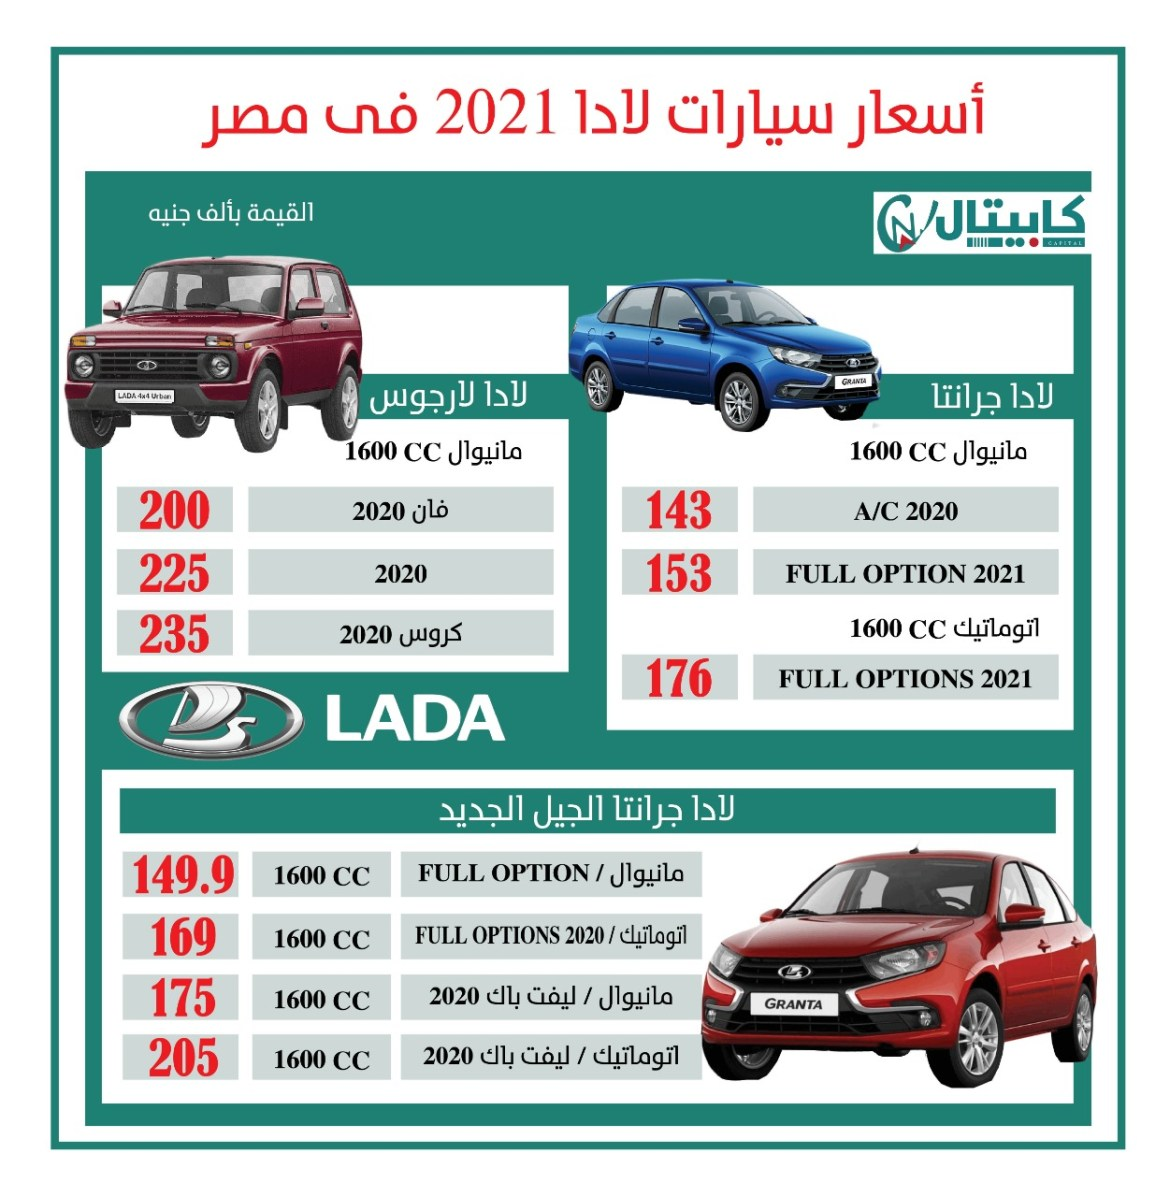 سيارات لادا الجديد